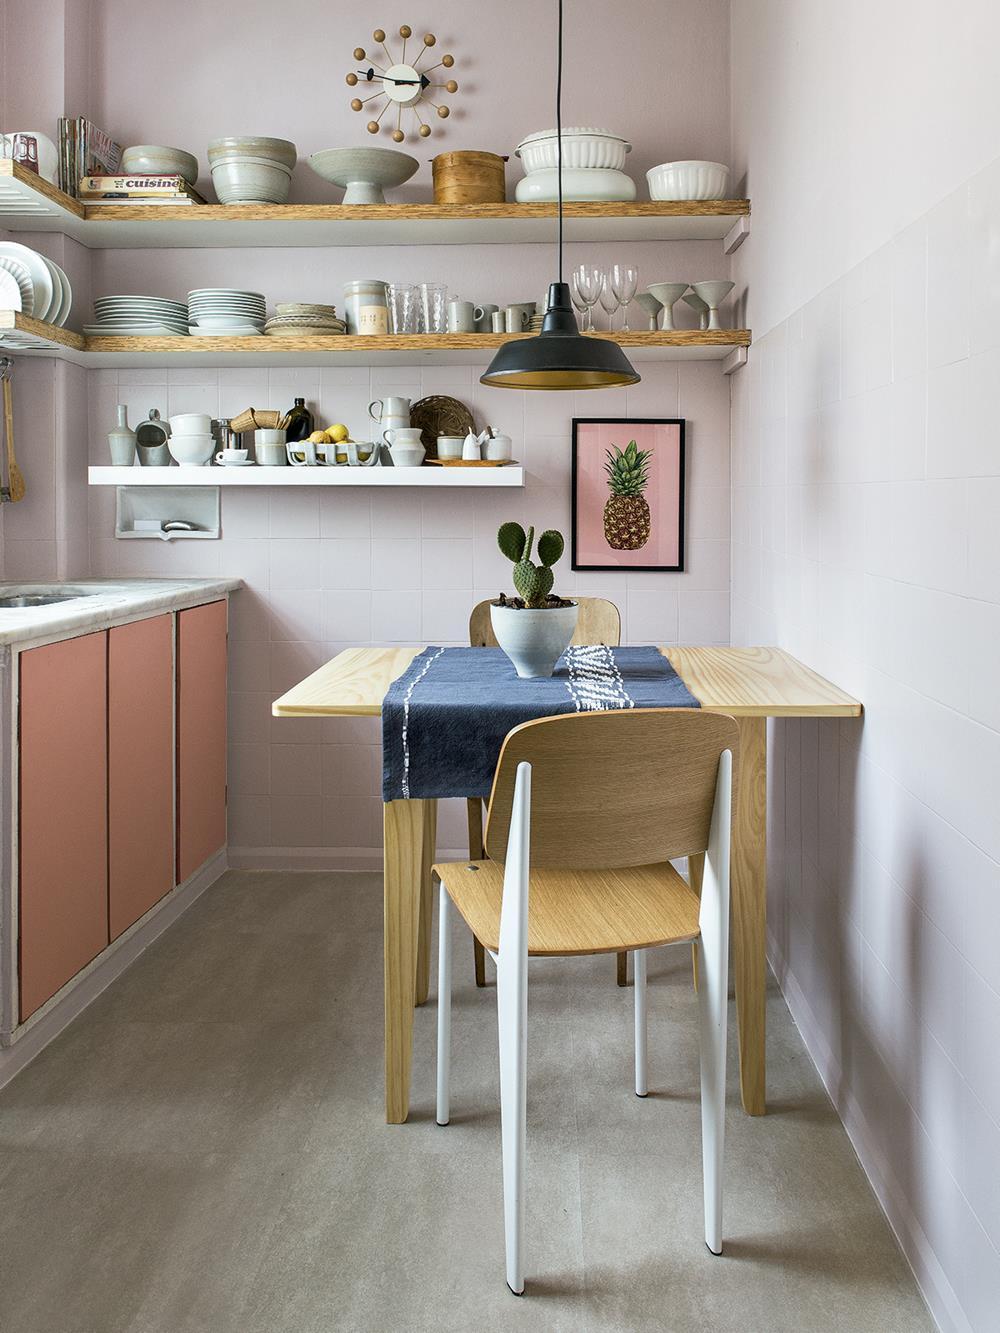 Pintar as portas dos armários da cozinha custa pouco e fica super bacana. Experimente cores como rosa, azul ou verde!!